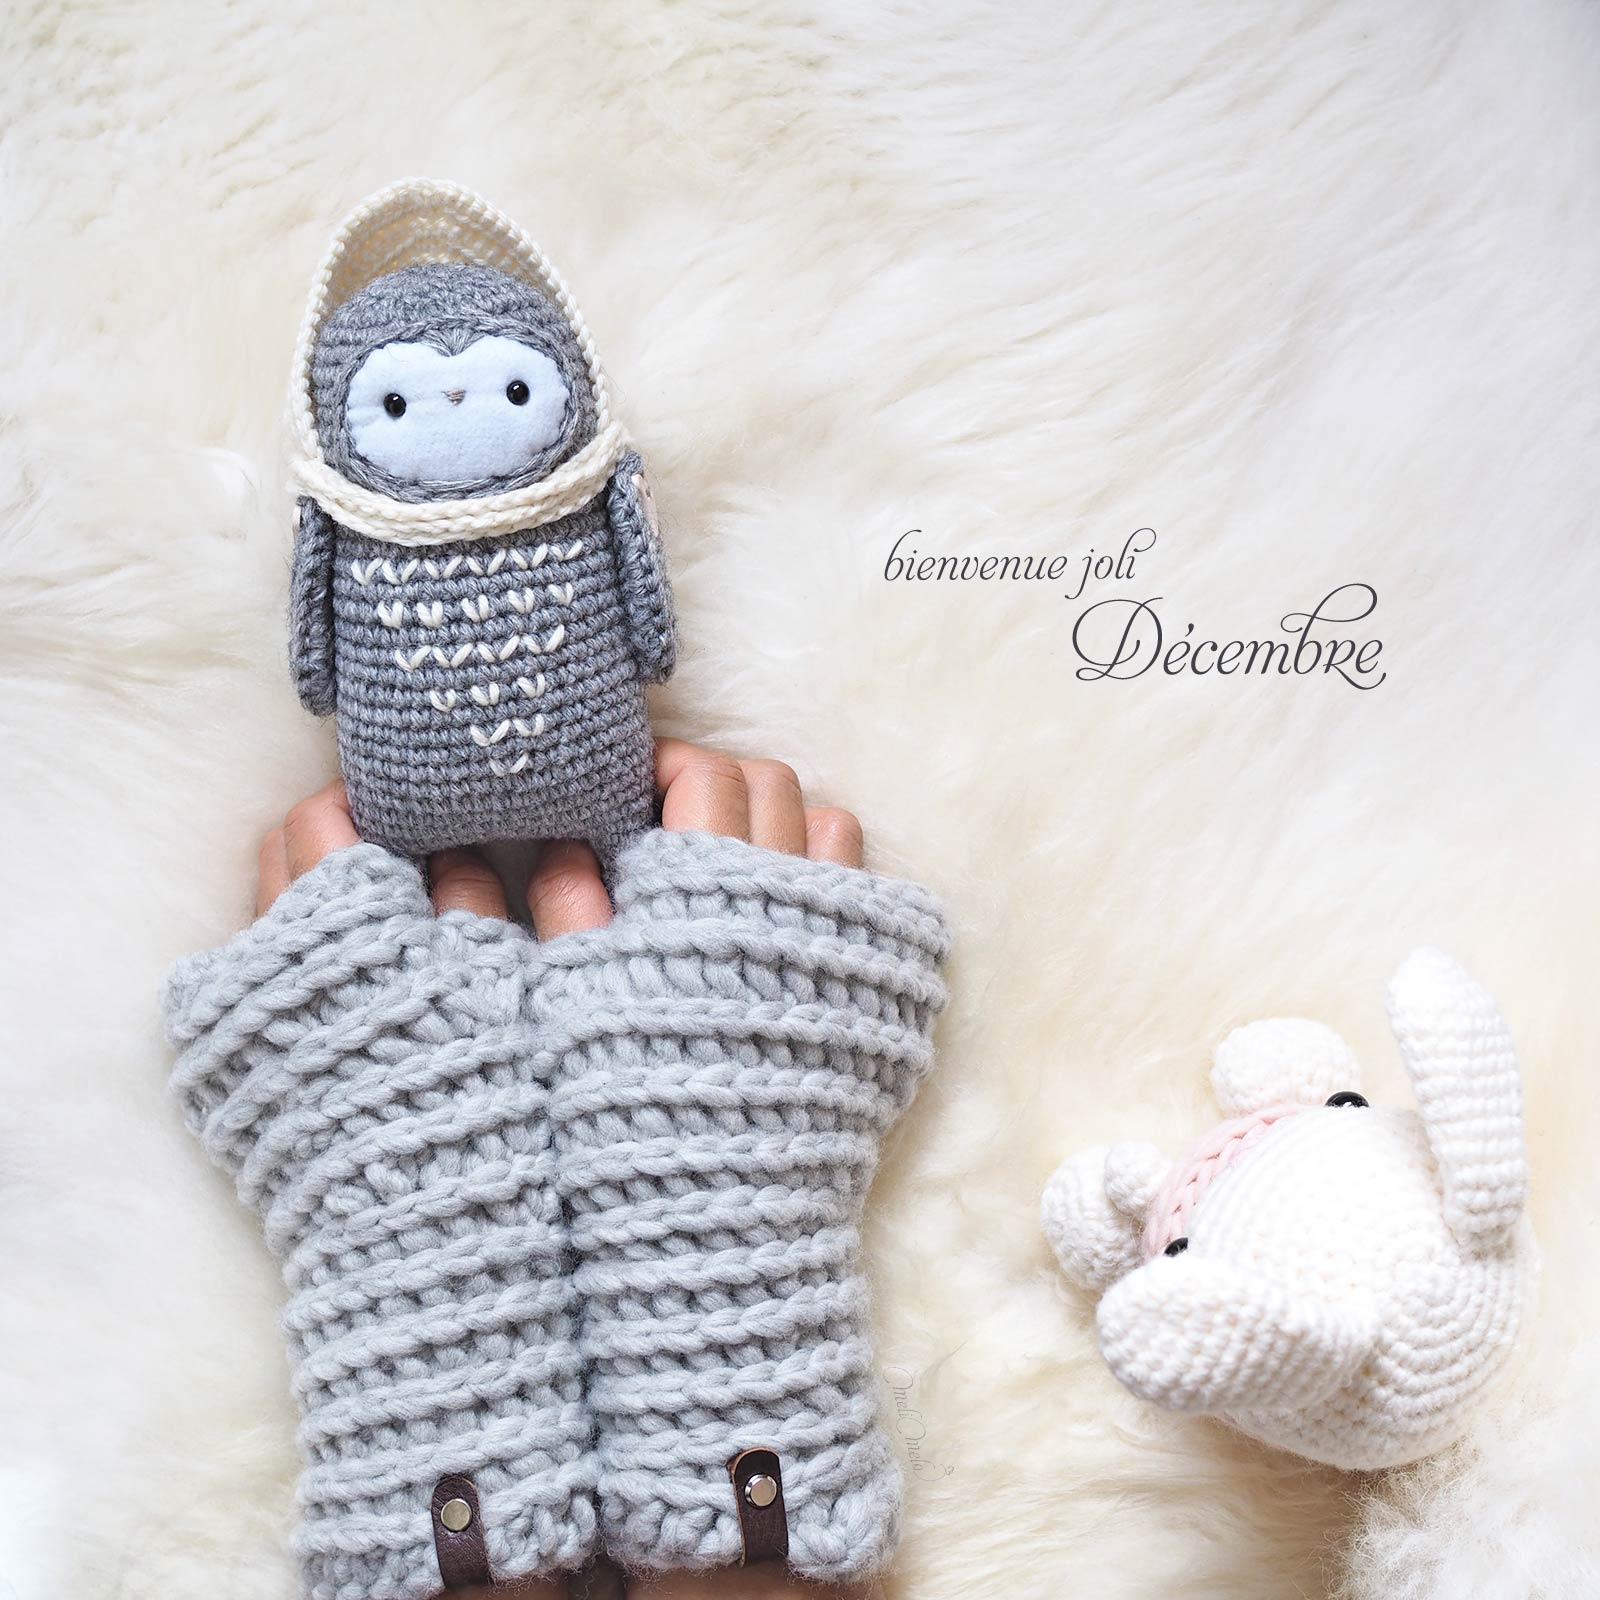 bienvenue décembre crochet chouette lutine laine little owlet owl hygge laboutiquedemelimelo